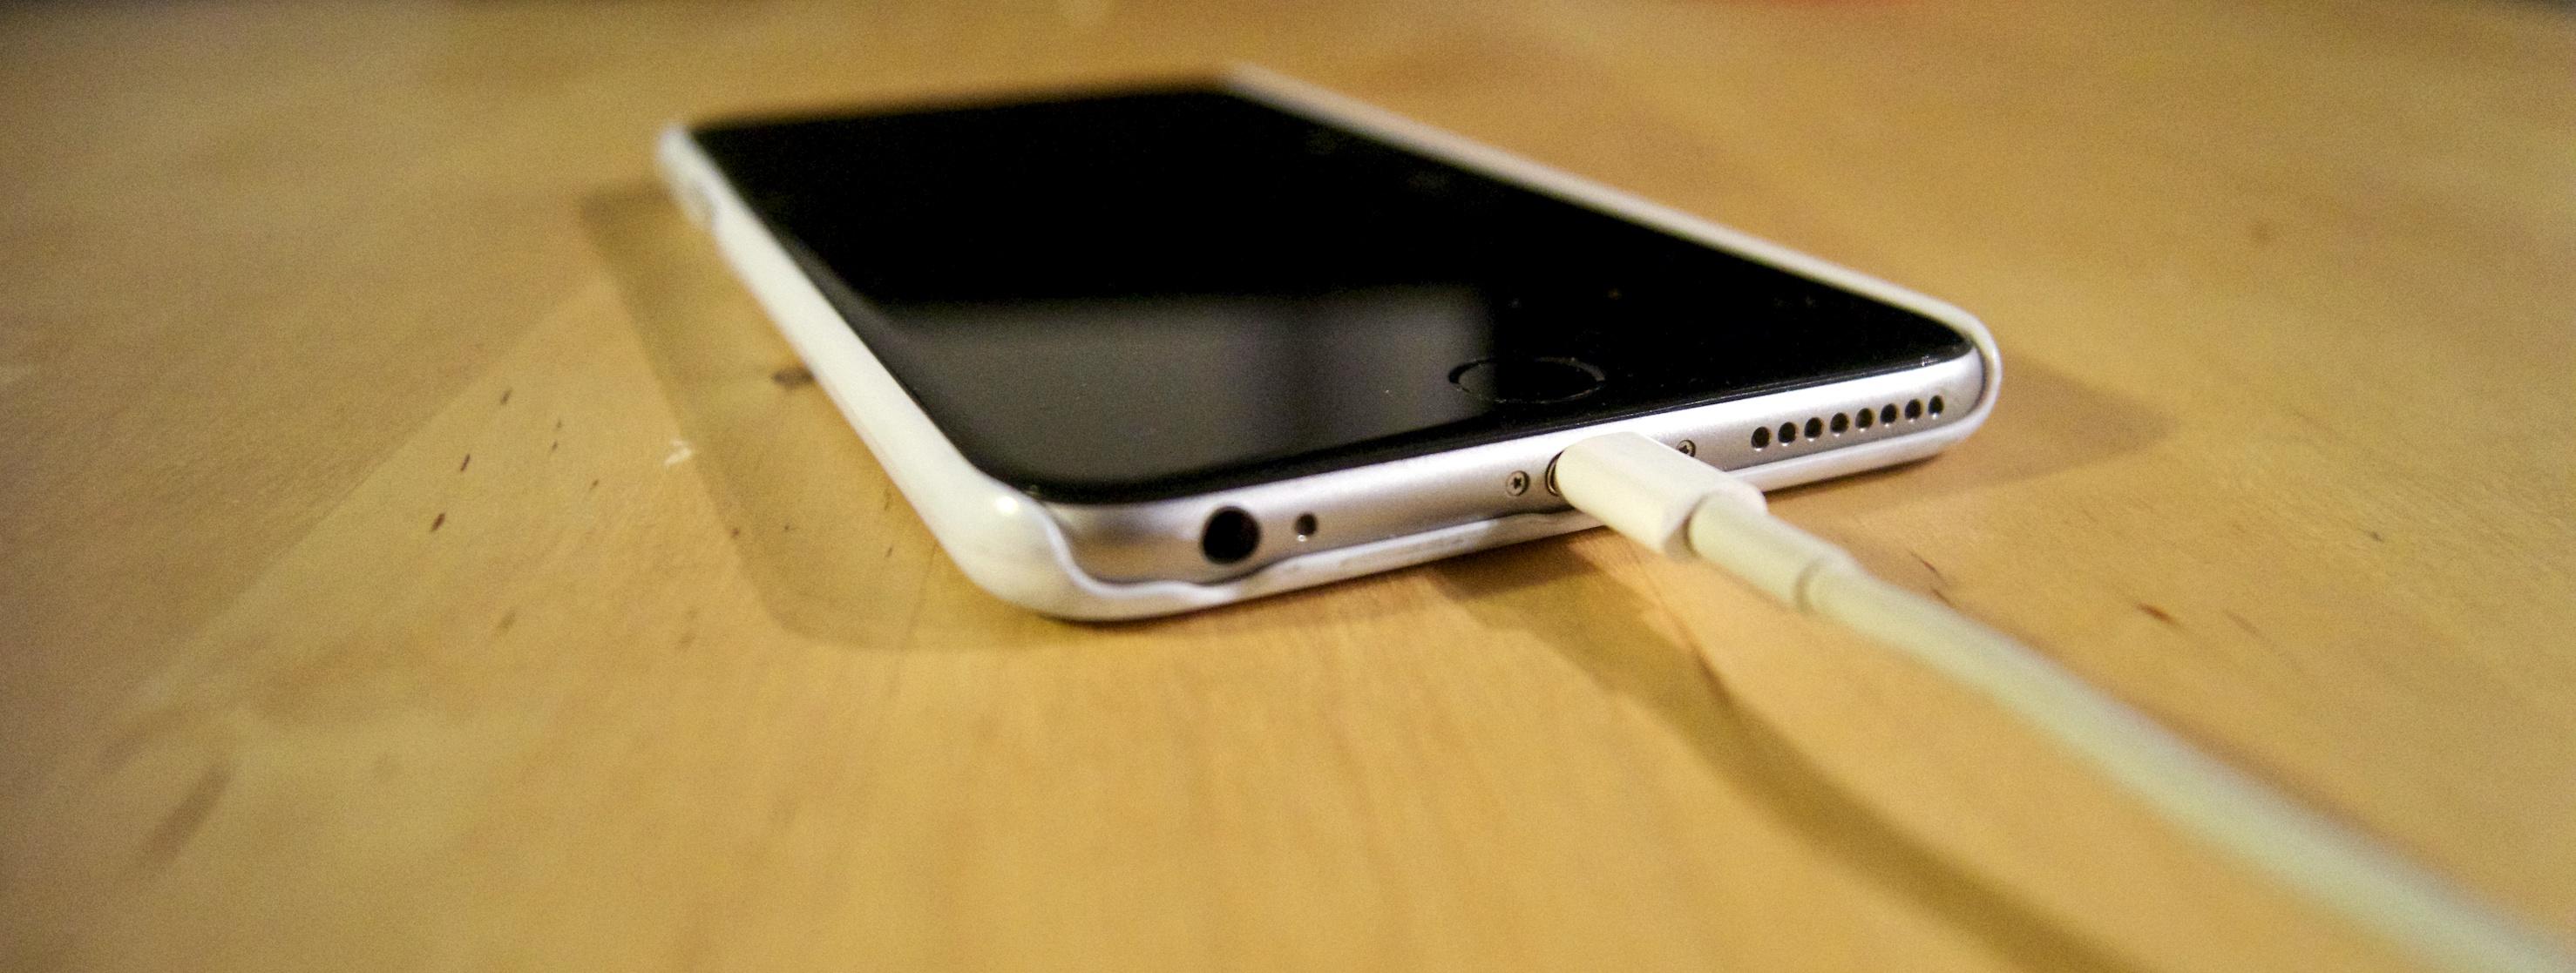 Szybsze ładowanie telefonów nie rozwiązuje problemów